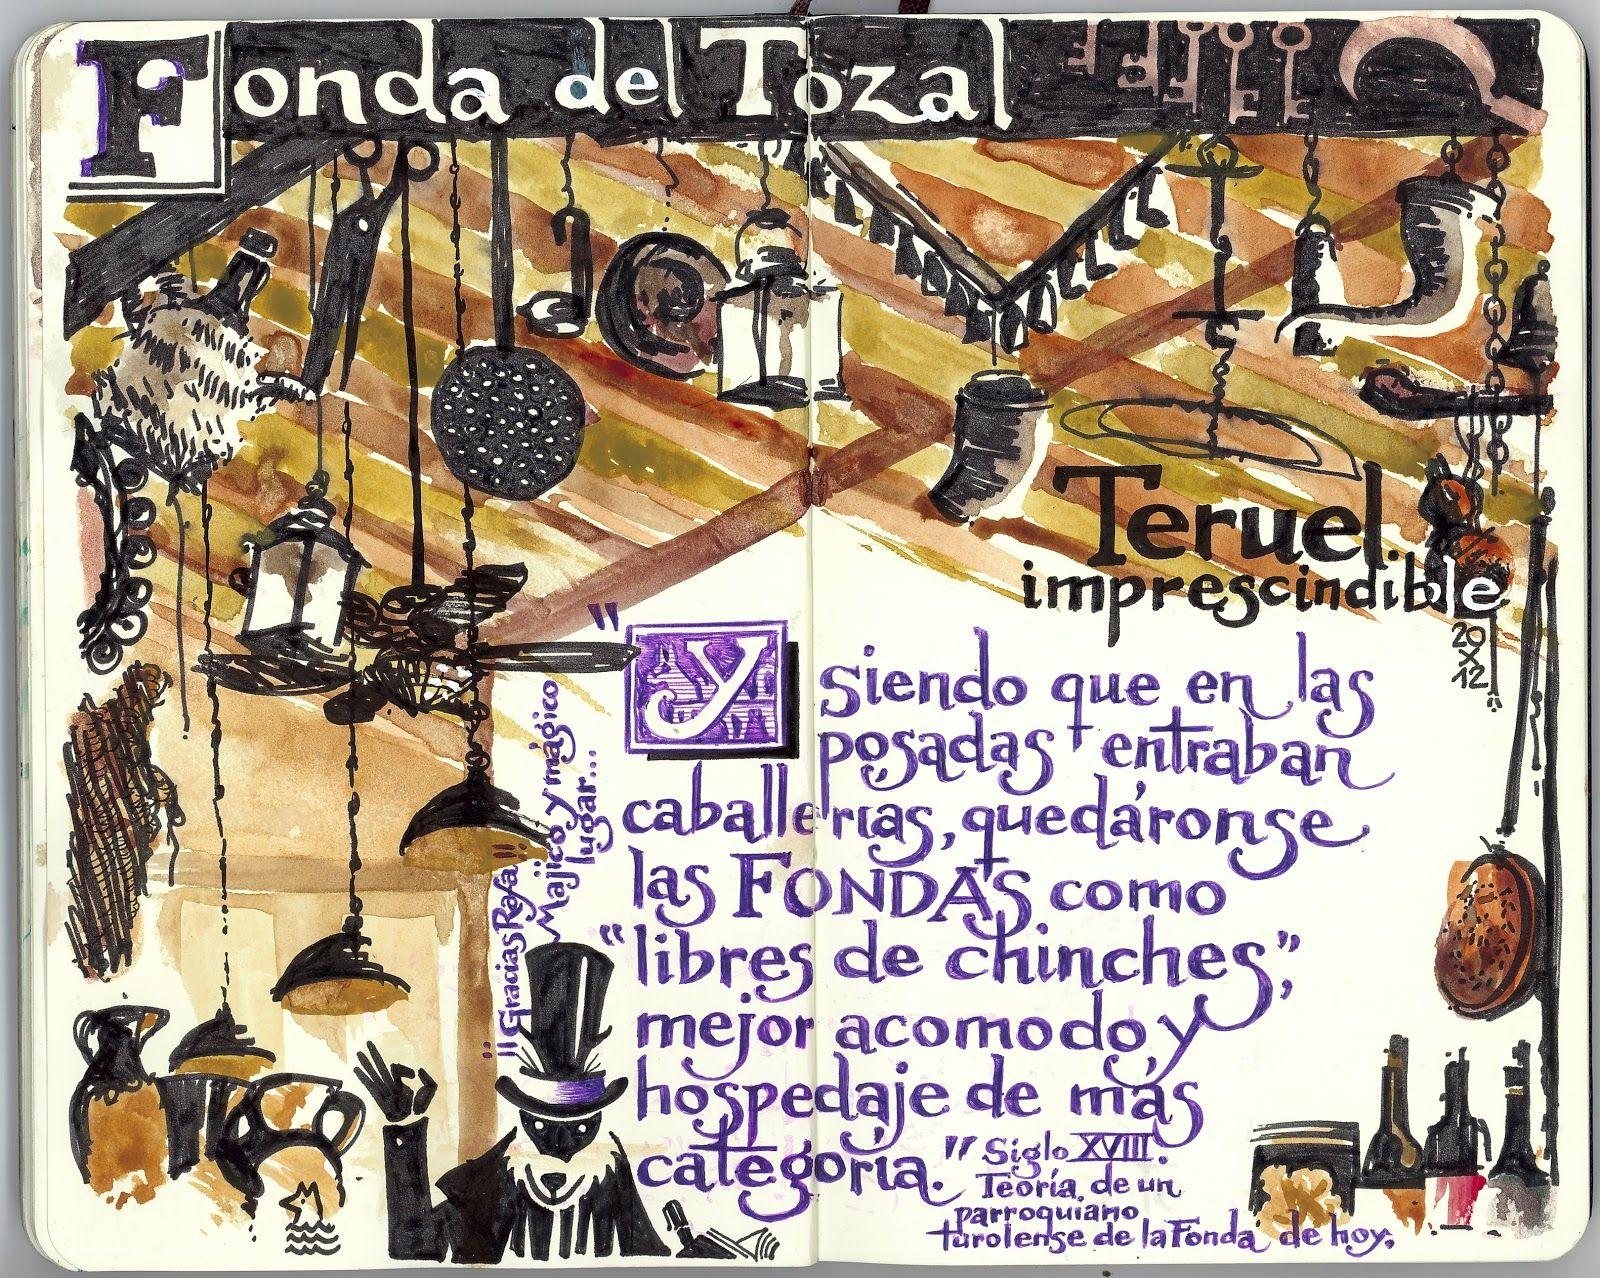 de vuelta con el cuaderno: Cuaderno Muaré (11.Teruel) Fonda del Tozal